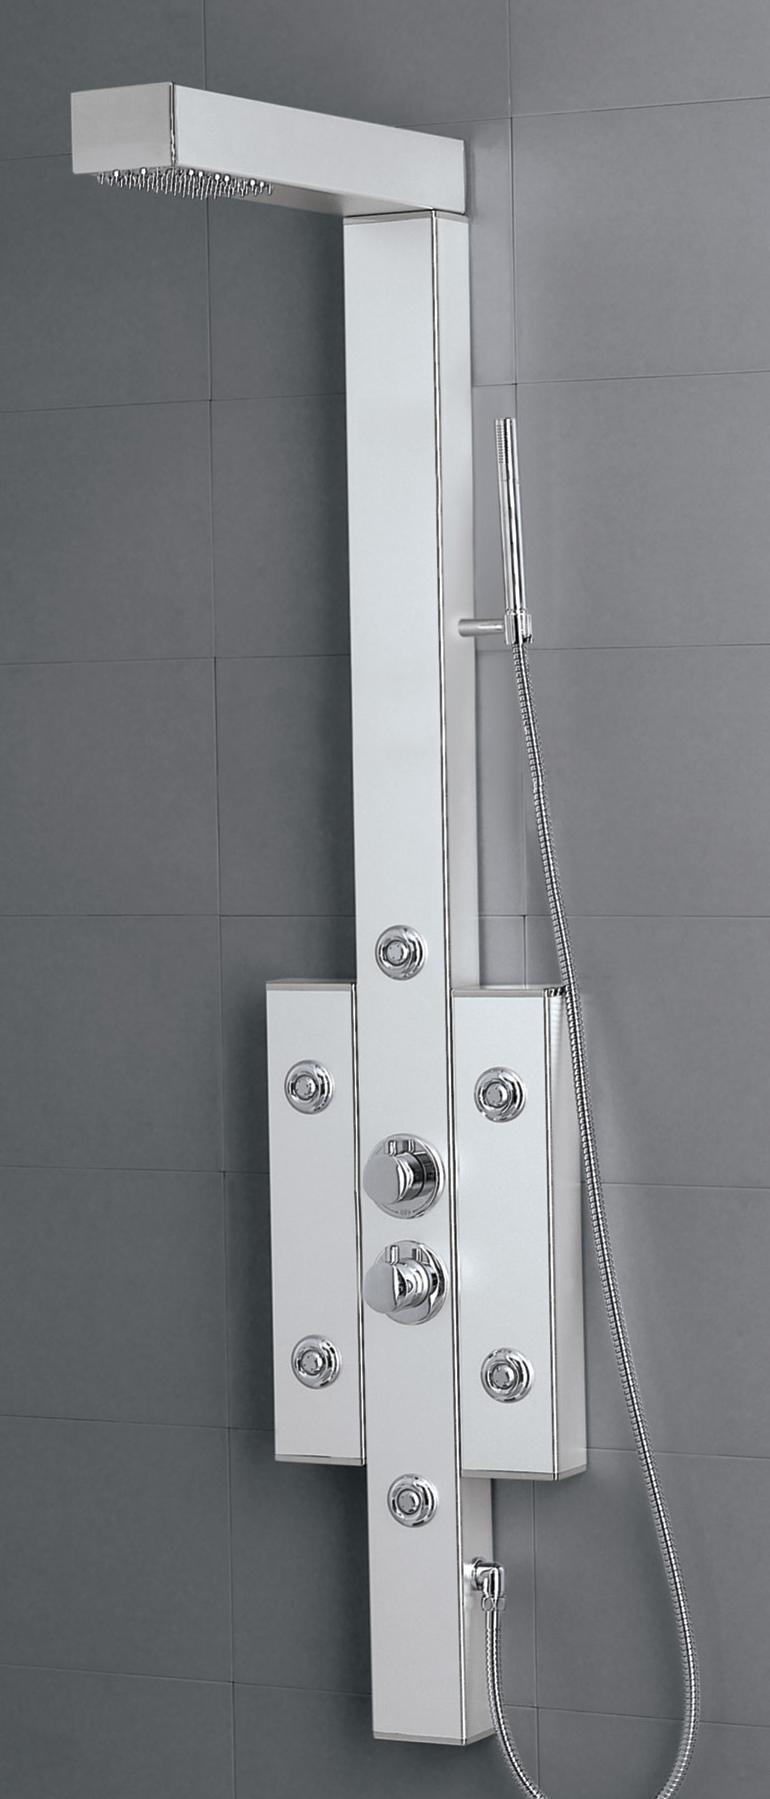 惠达淋浴屏HDLZ1004HDLZ1004